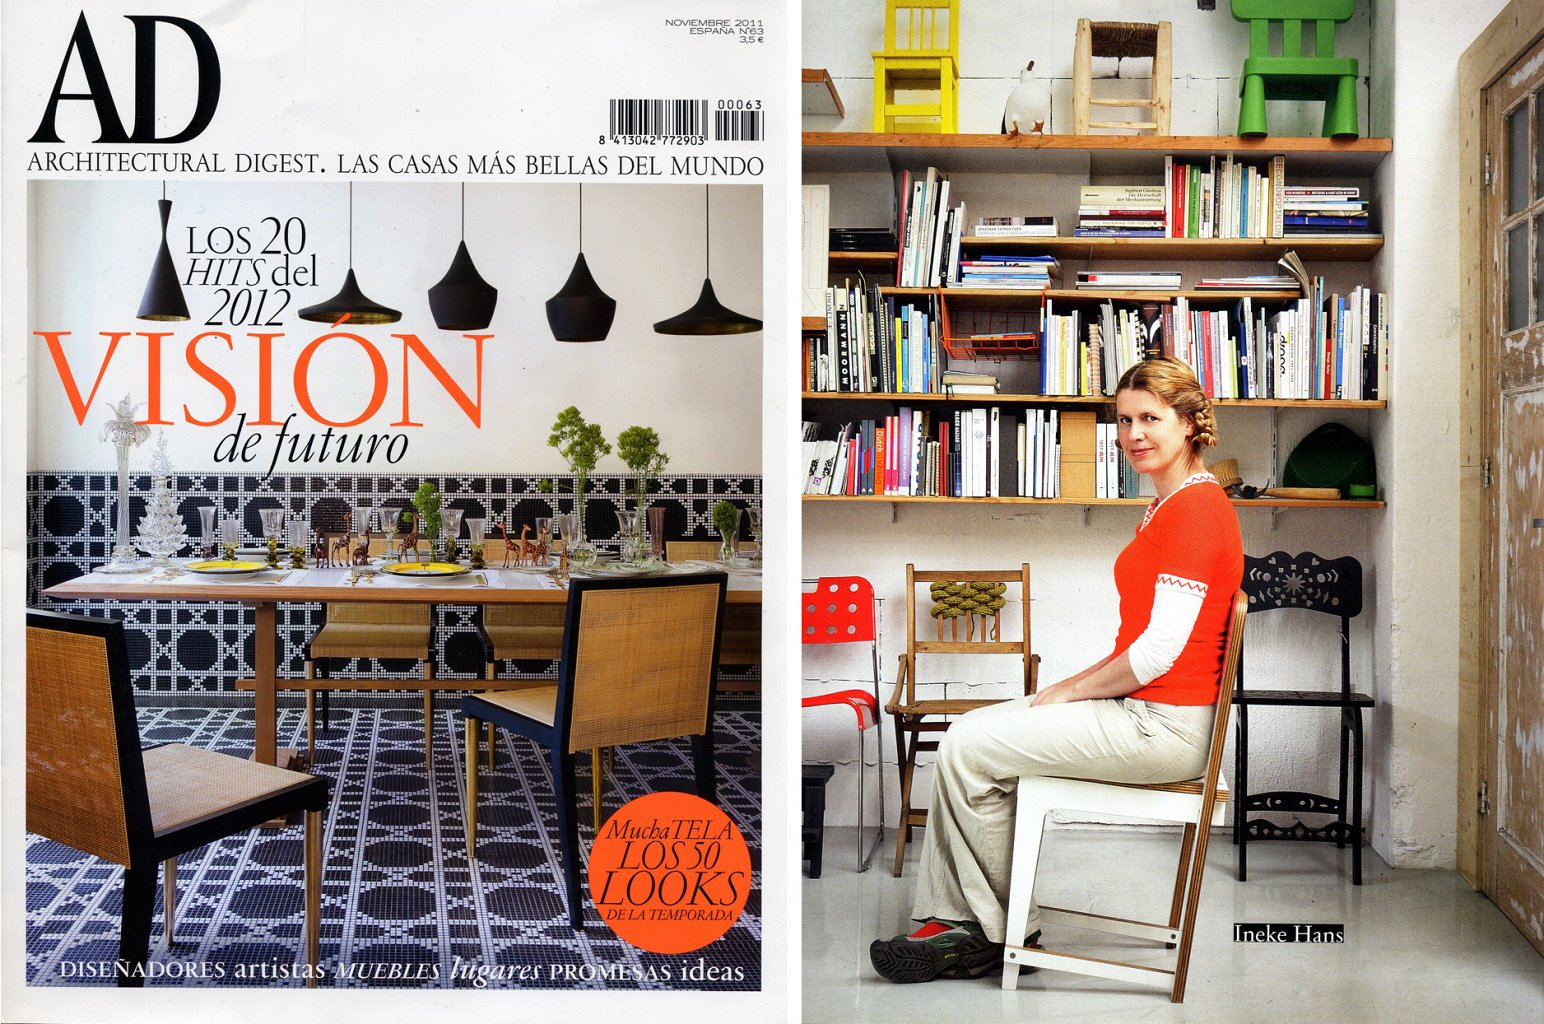 Publications Ineke Hans Studio # Muebles Den Haag